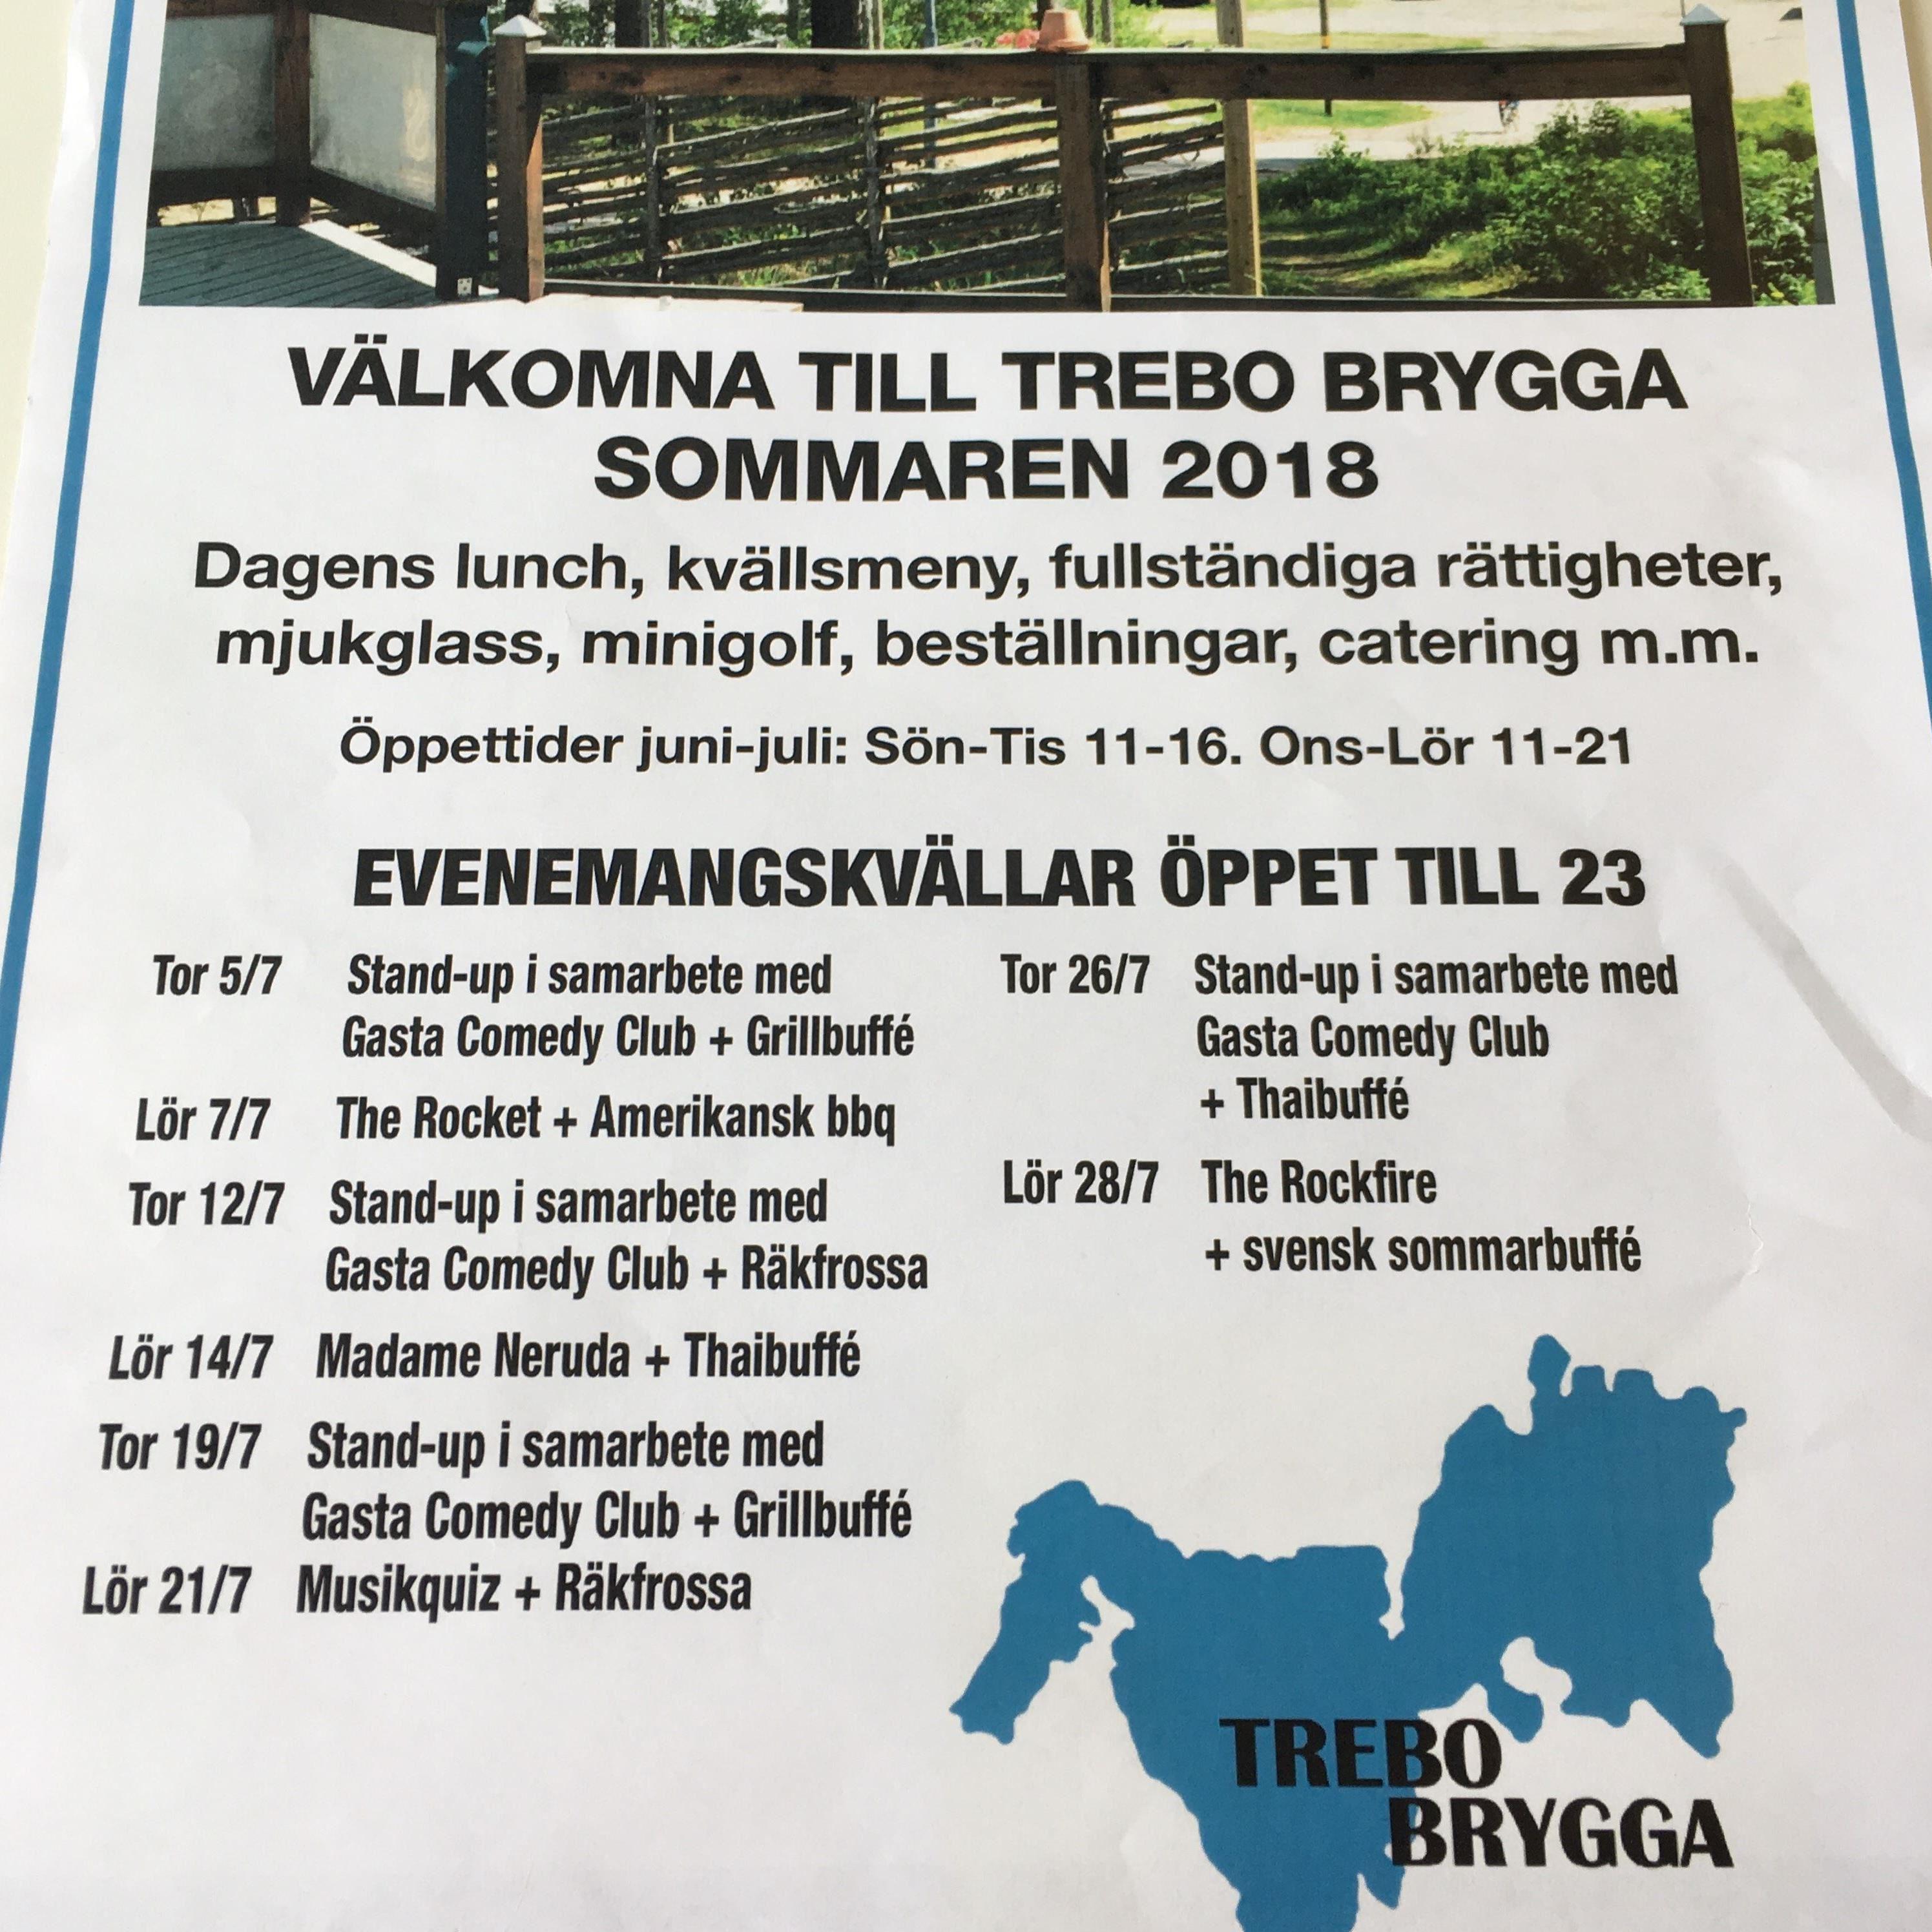 The Rockfire med Svensk Sommarbuffé